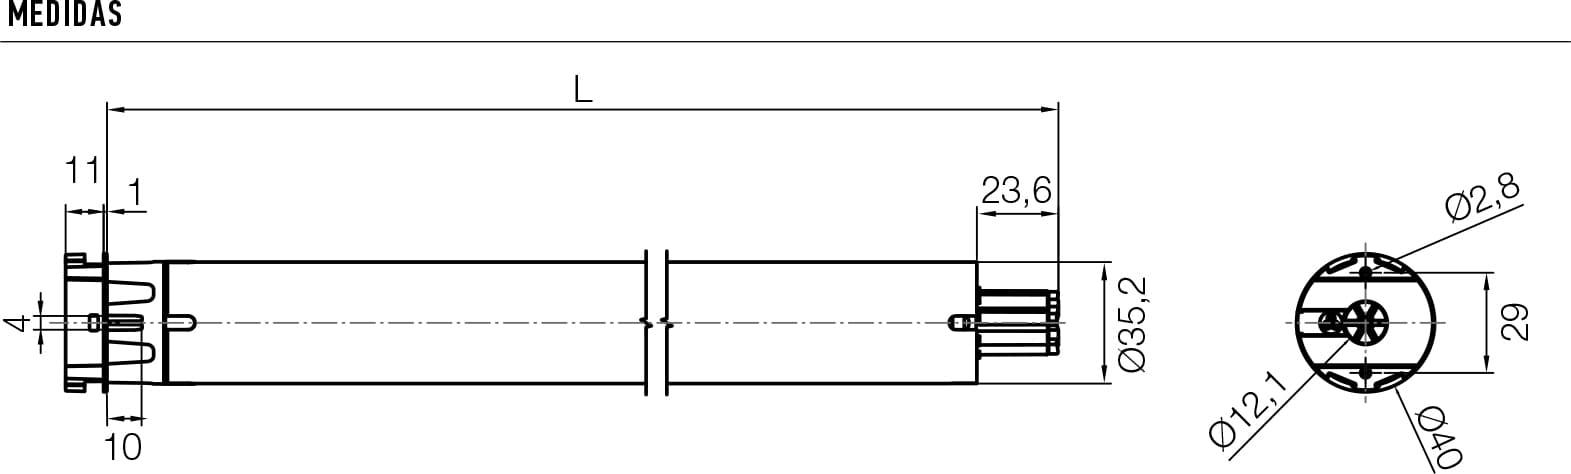 caracteristicas-era-s-2